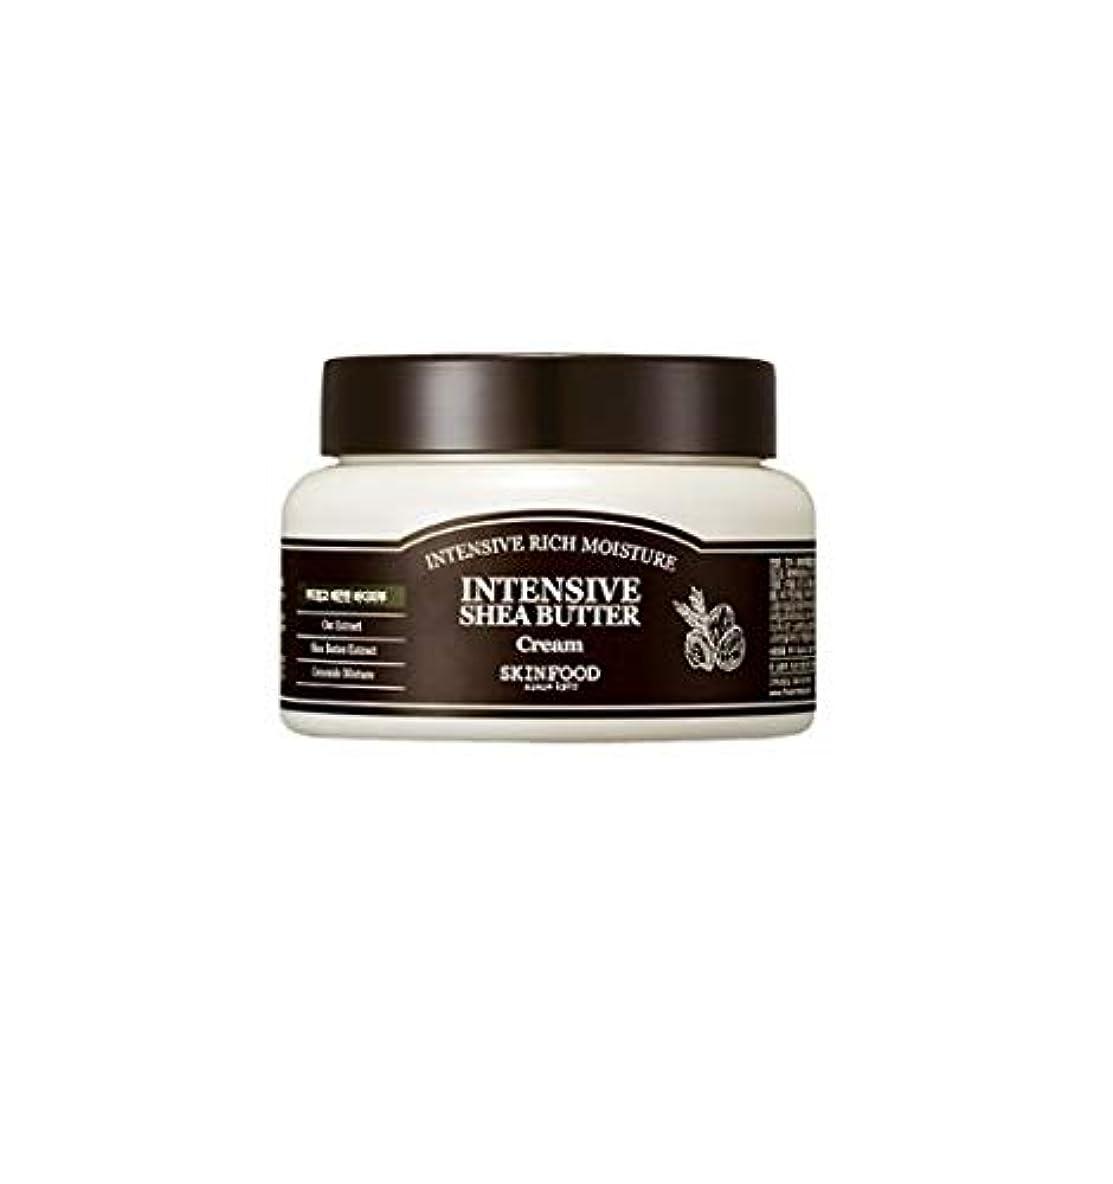 復活させるポンプ約Skinfood 集中シアバタークリーム/Intensive Shea Butter Cream 225ml [並行輸入品]